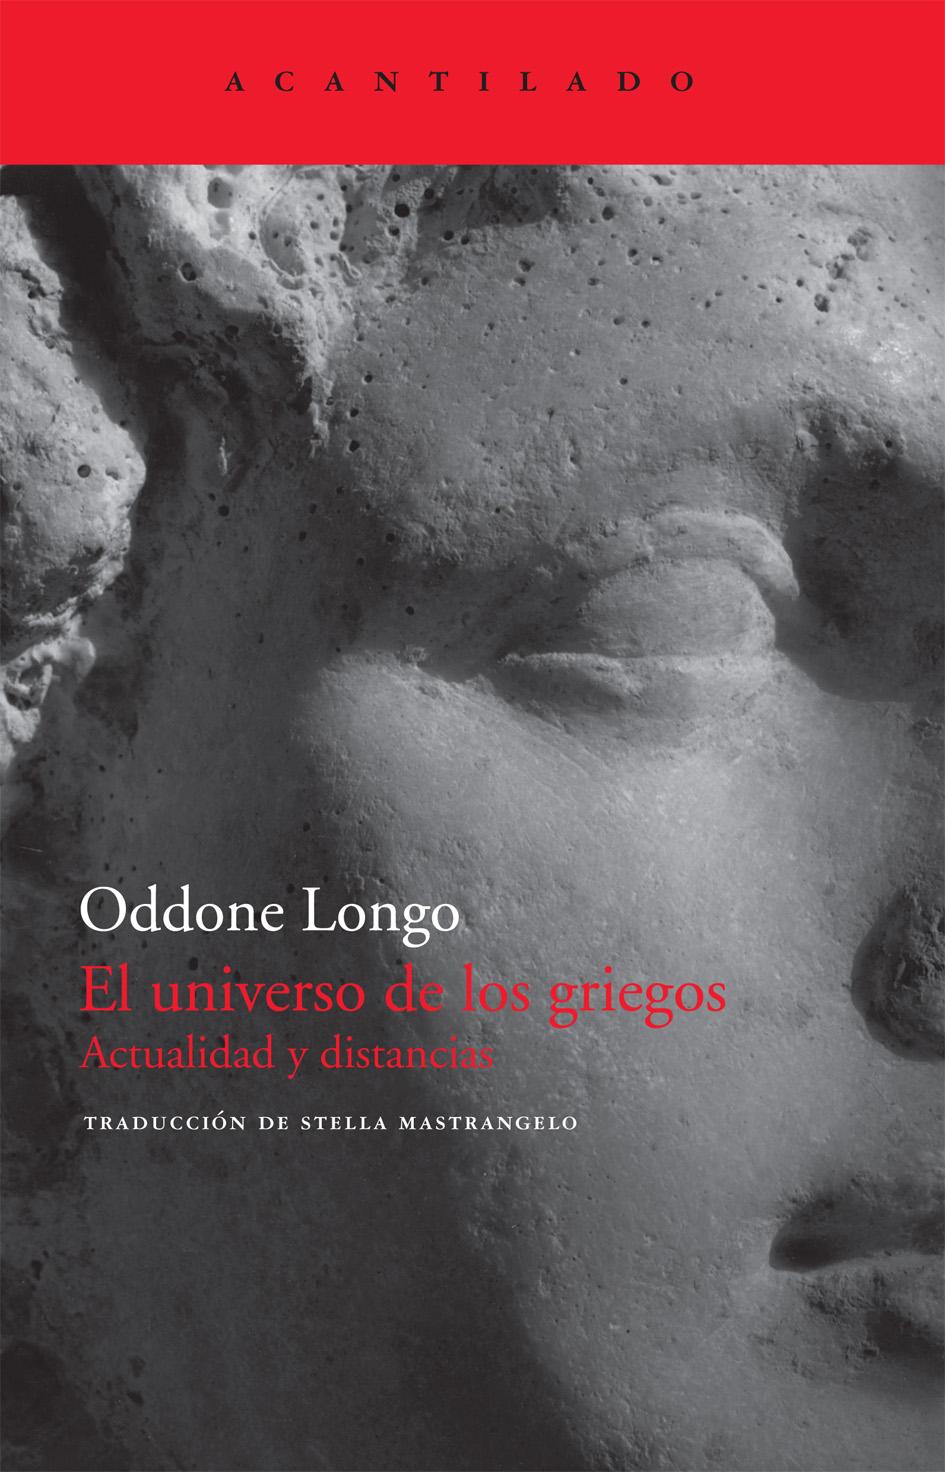 EL UNIVERSO DE LOS GRIEGOS : ACTUALIDAD Y DISTANCIAS